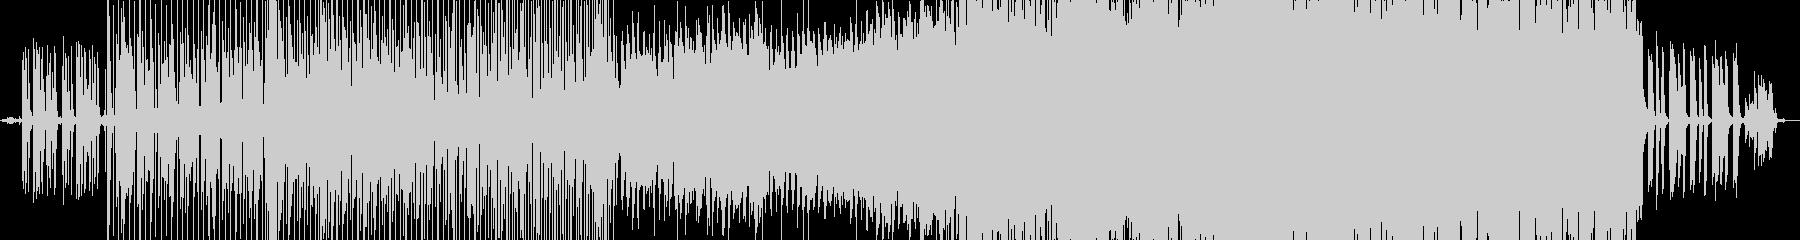 collageの未再生の波形